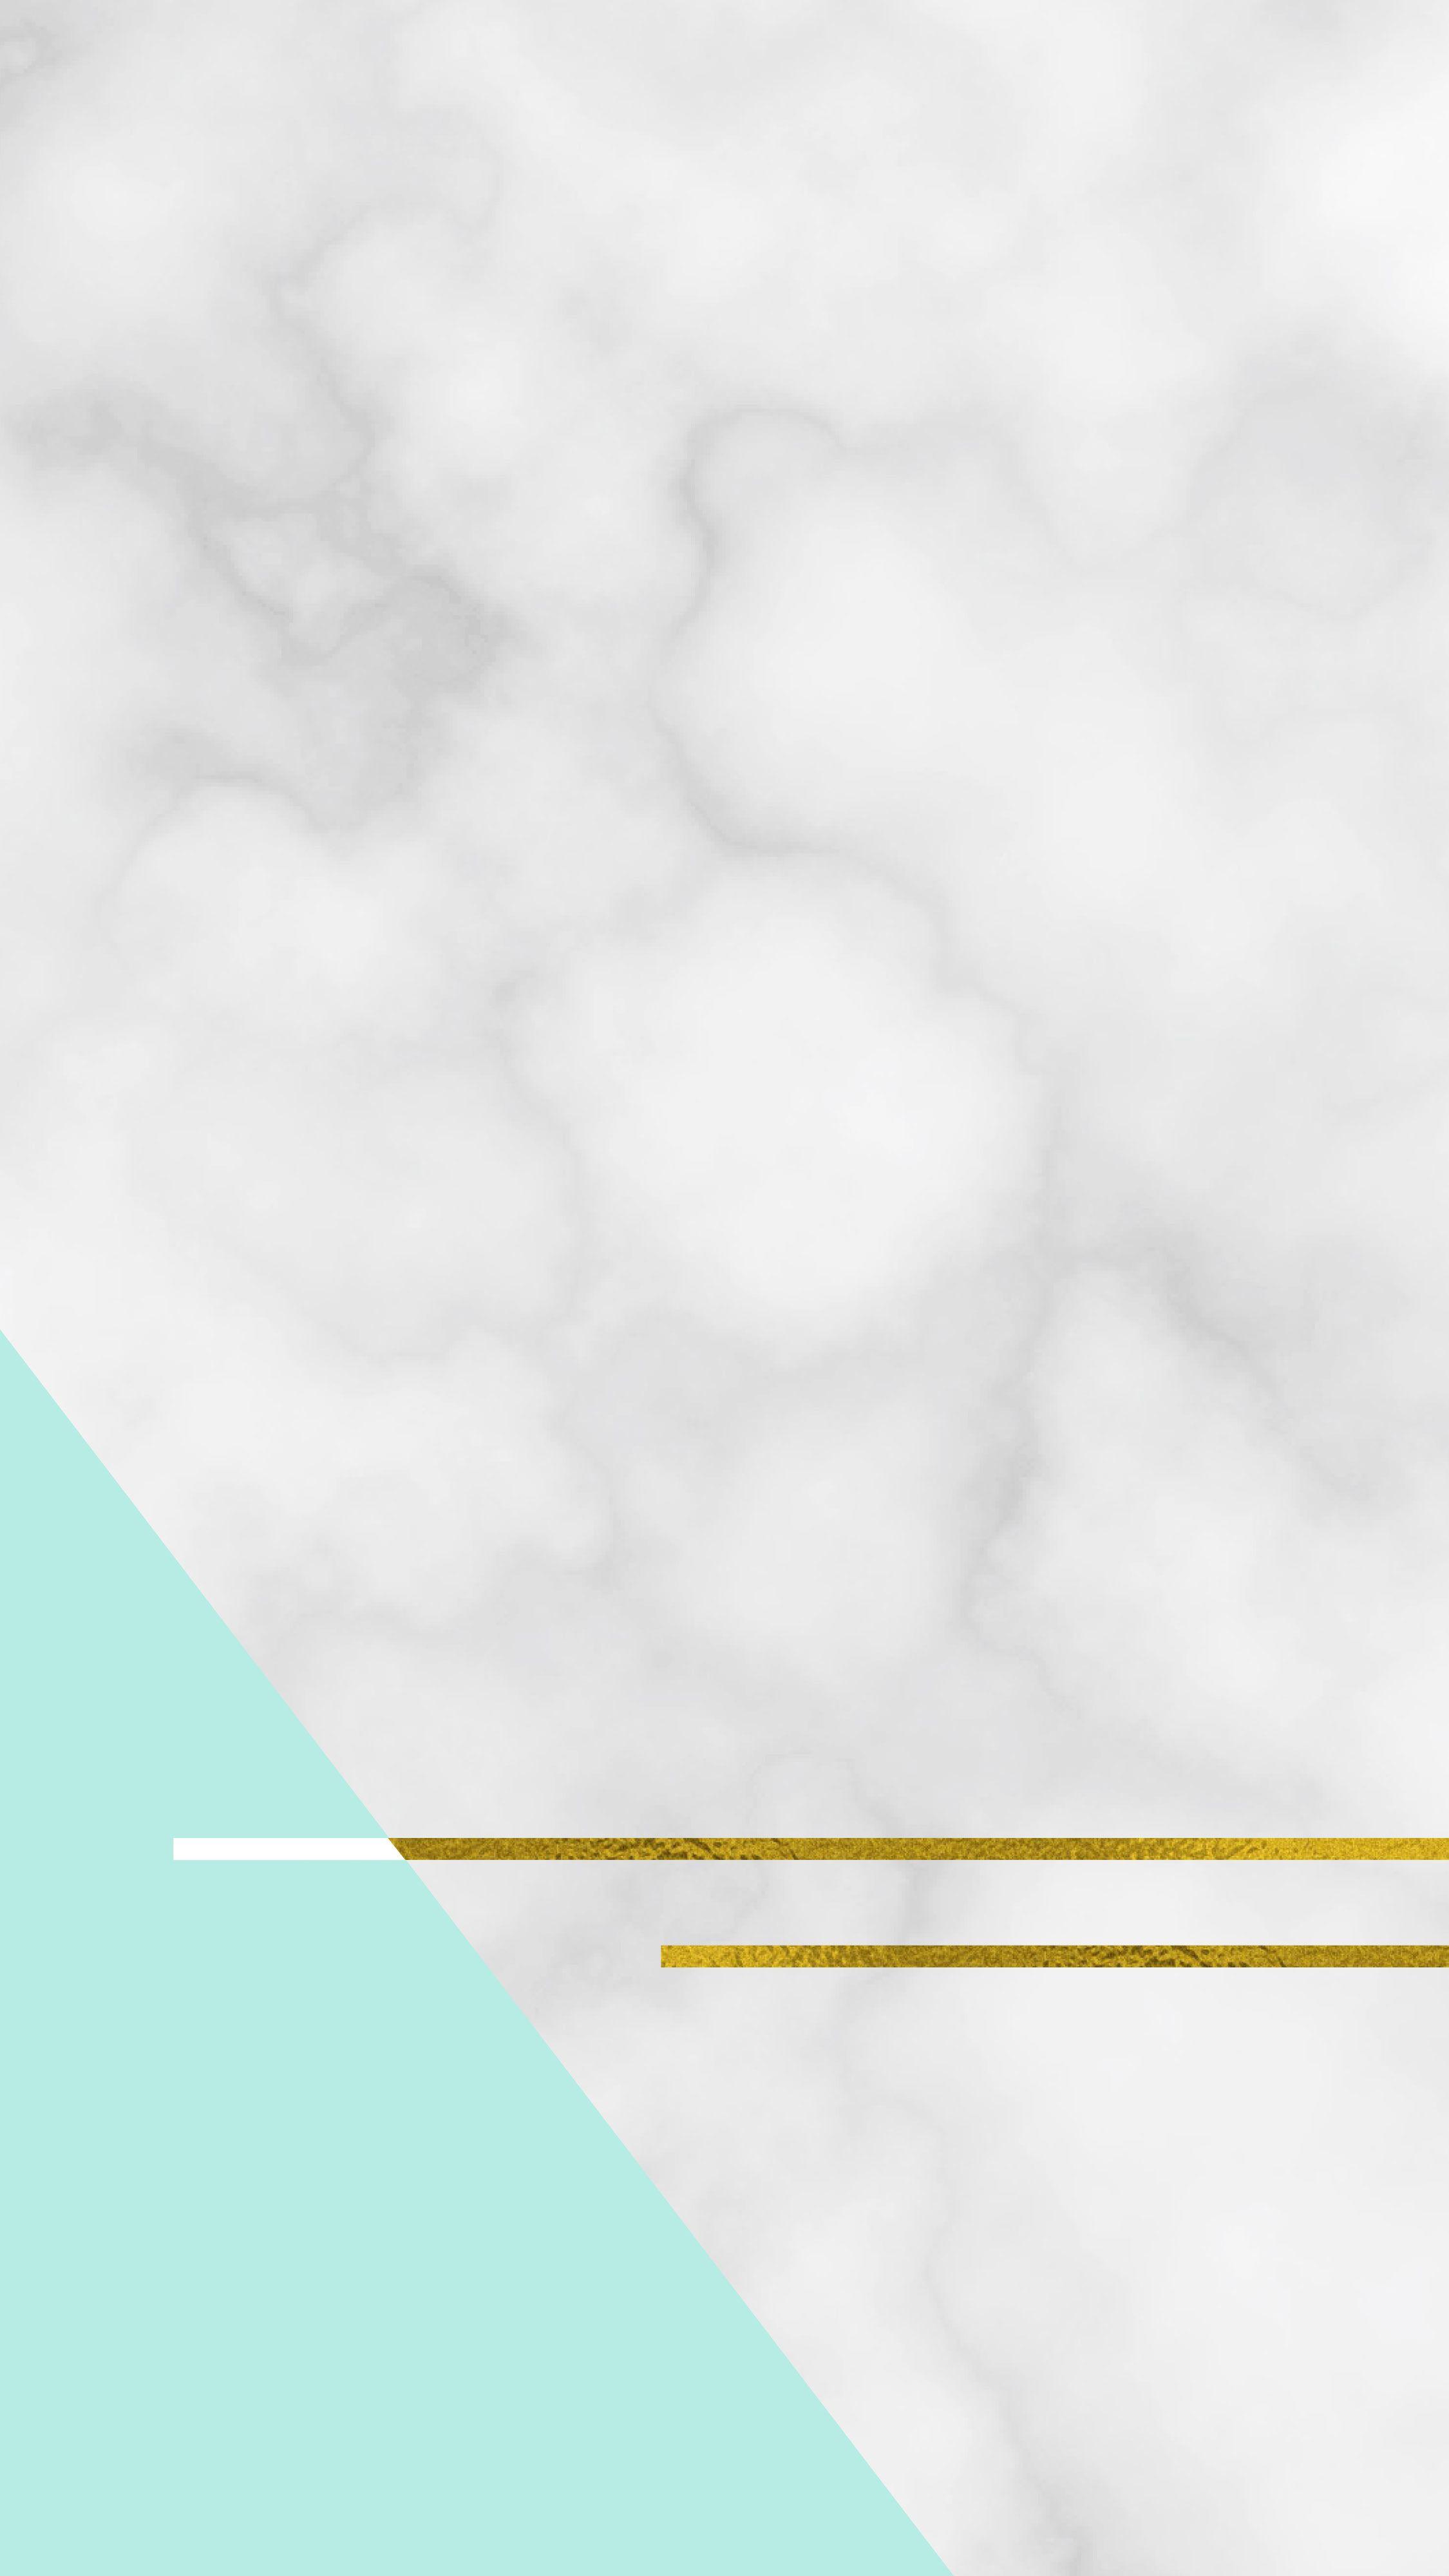 Simple Wallpaper Marble Mint Green - dde4421178ec9c5f213e14d11513a48d  2018_1003528.jpg